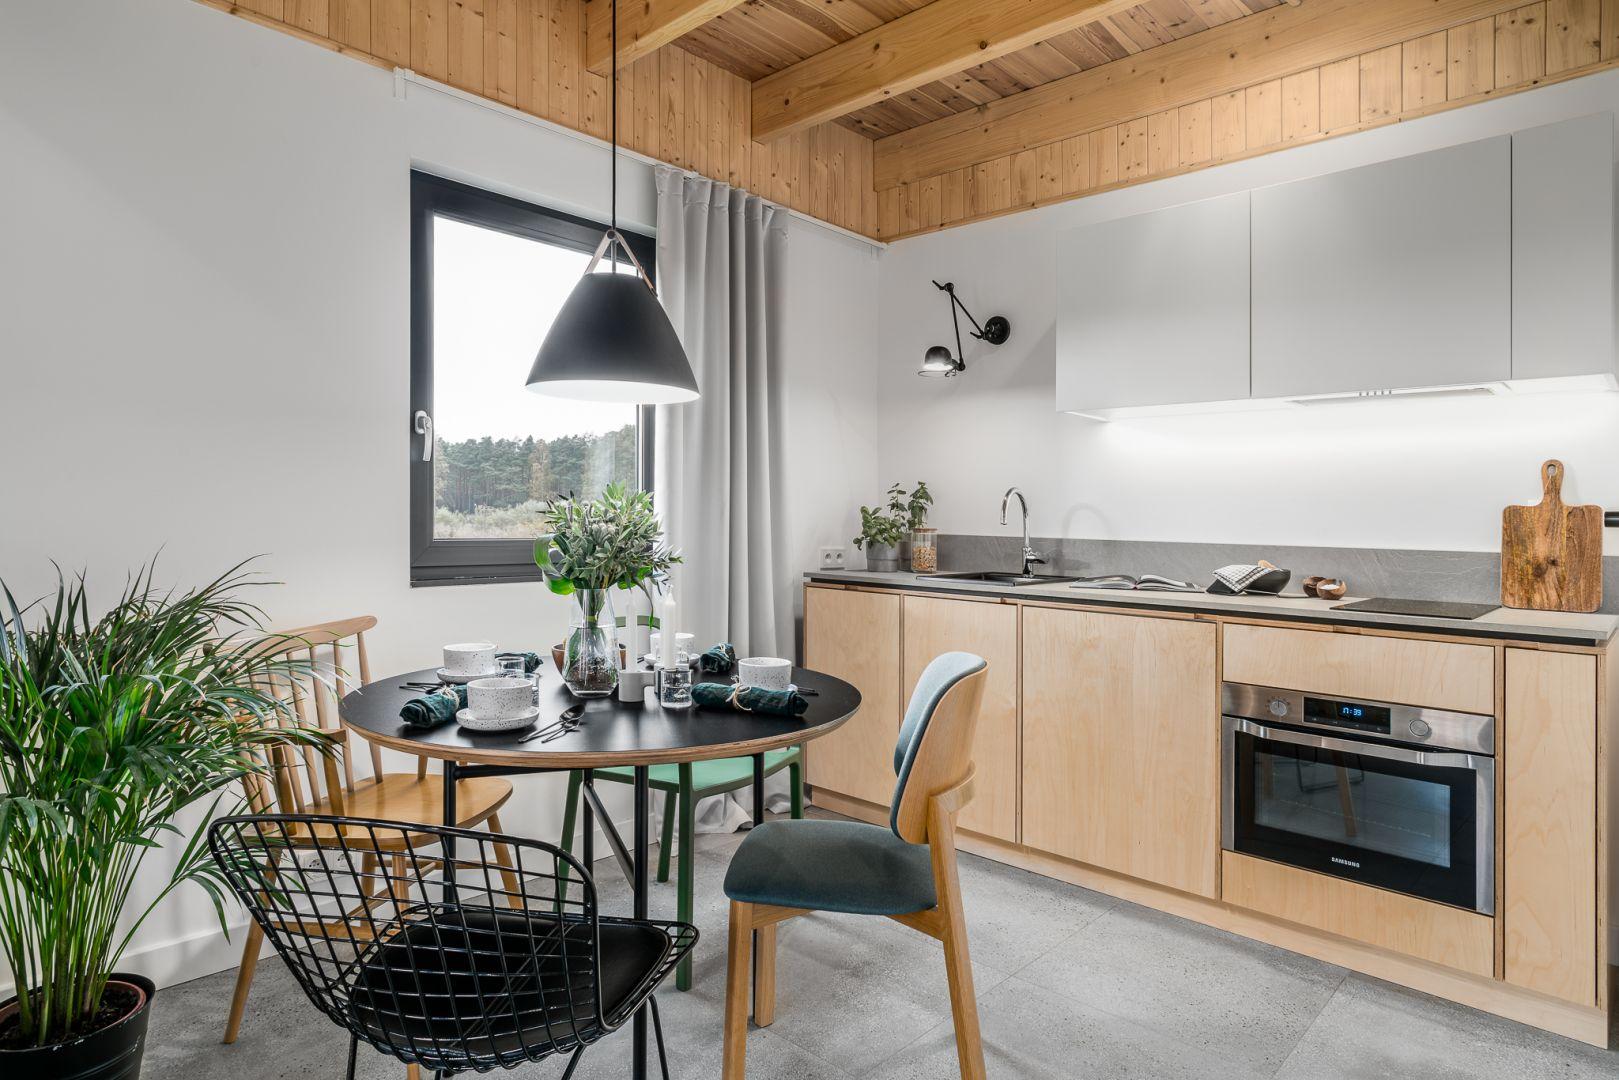 Kompaktowa kuchnia zawiera wszystkie dogodności, takie jak zmywarka czy piekarnik z mikrofalą. Projekt: Raca Architekci. Fot. Fotomohito